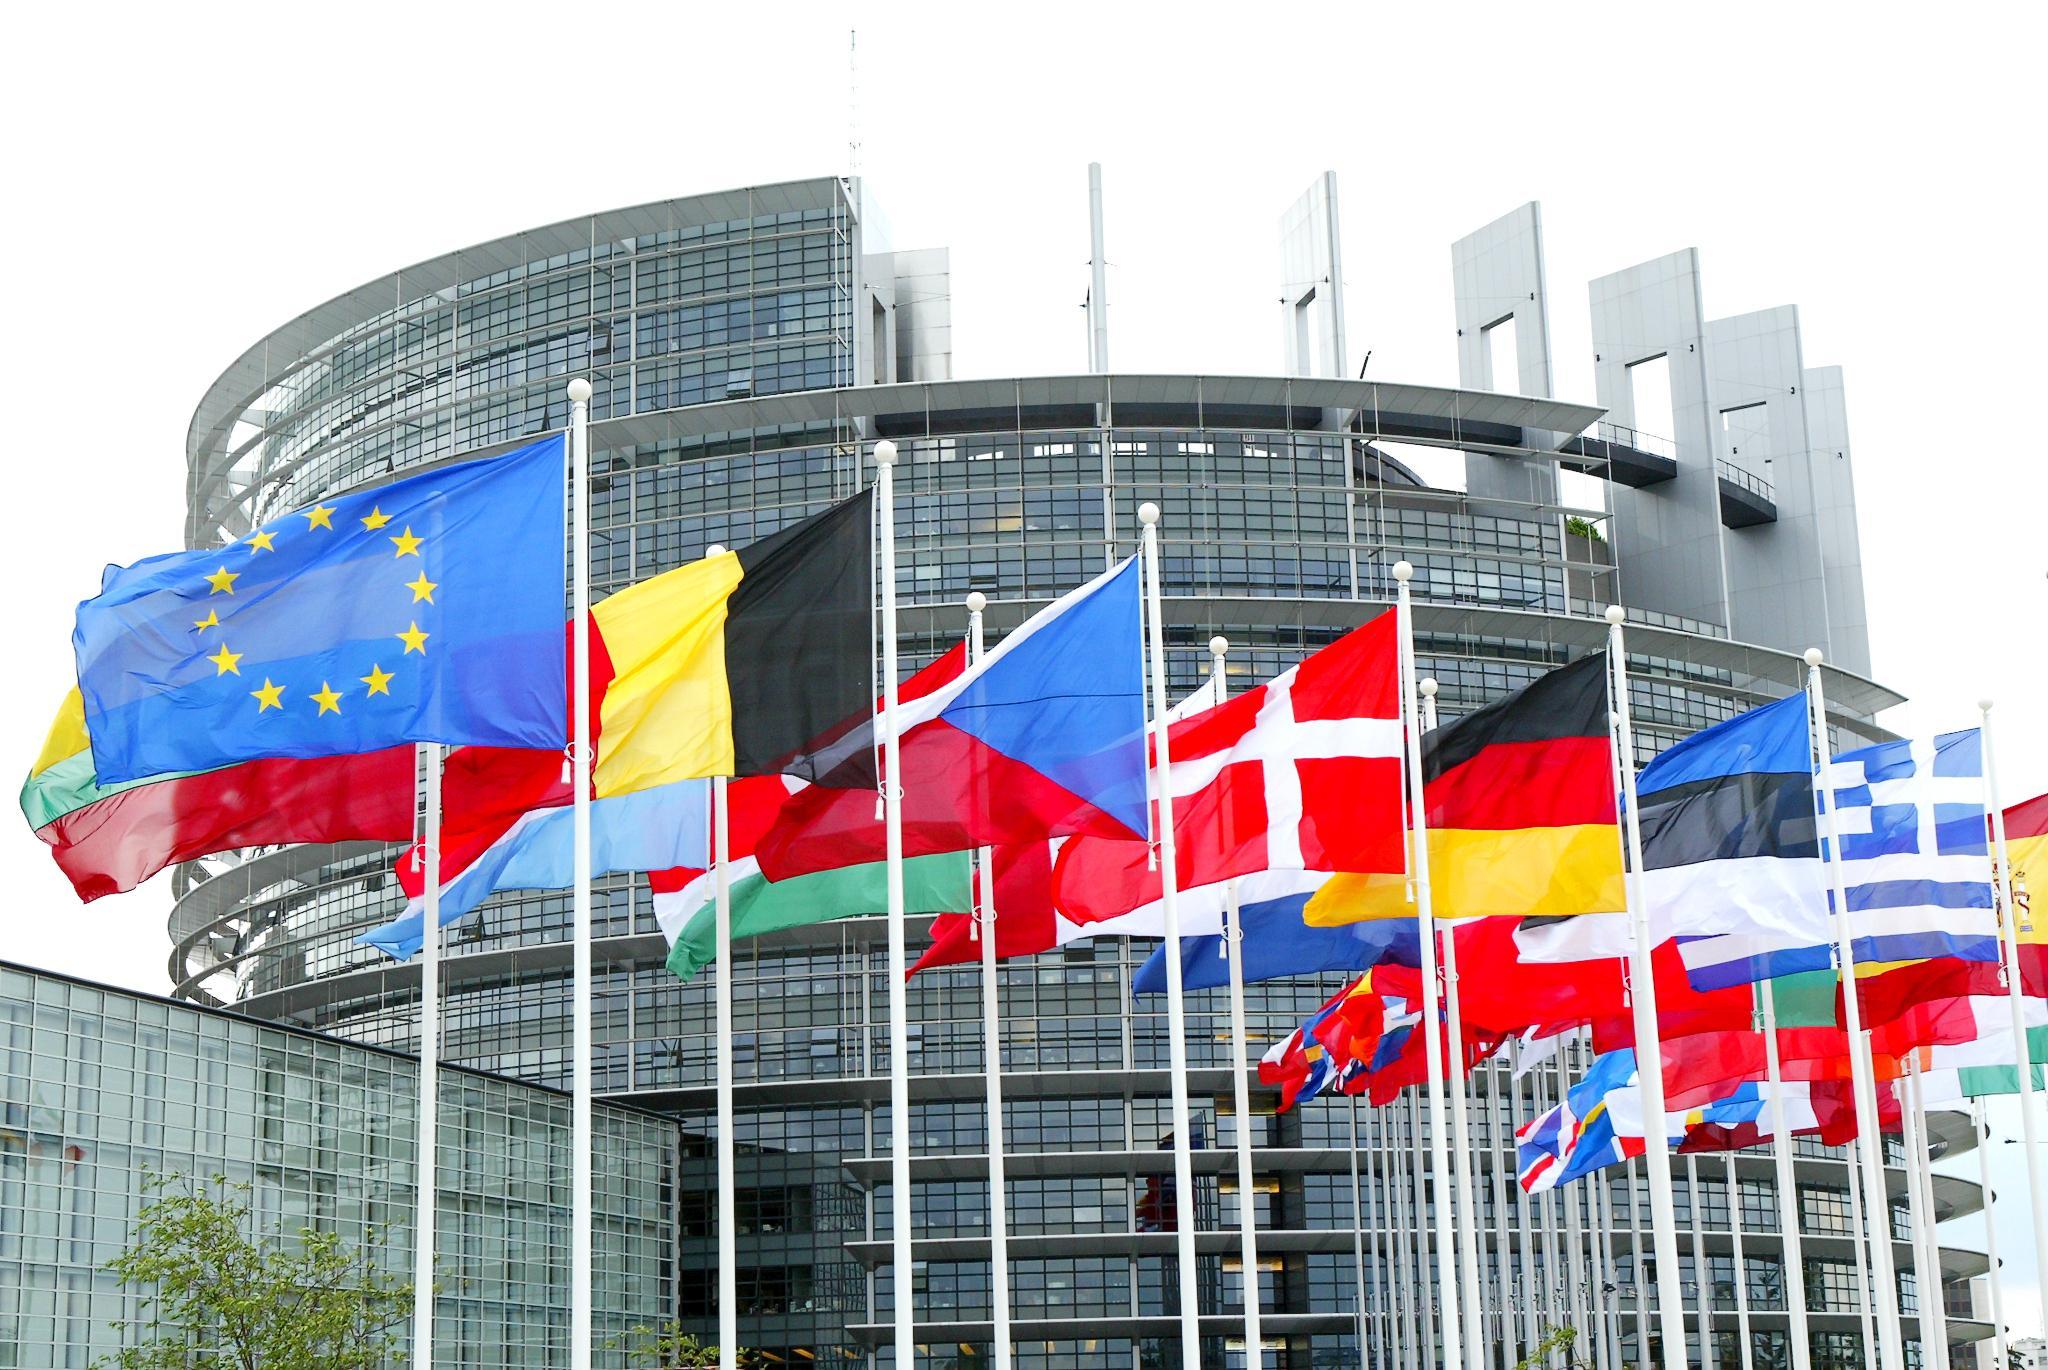 Clausola di solidarietà UE: cos'è e come funziona?